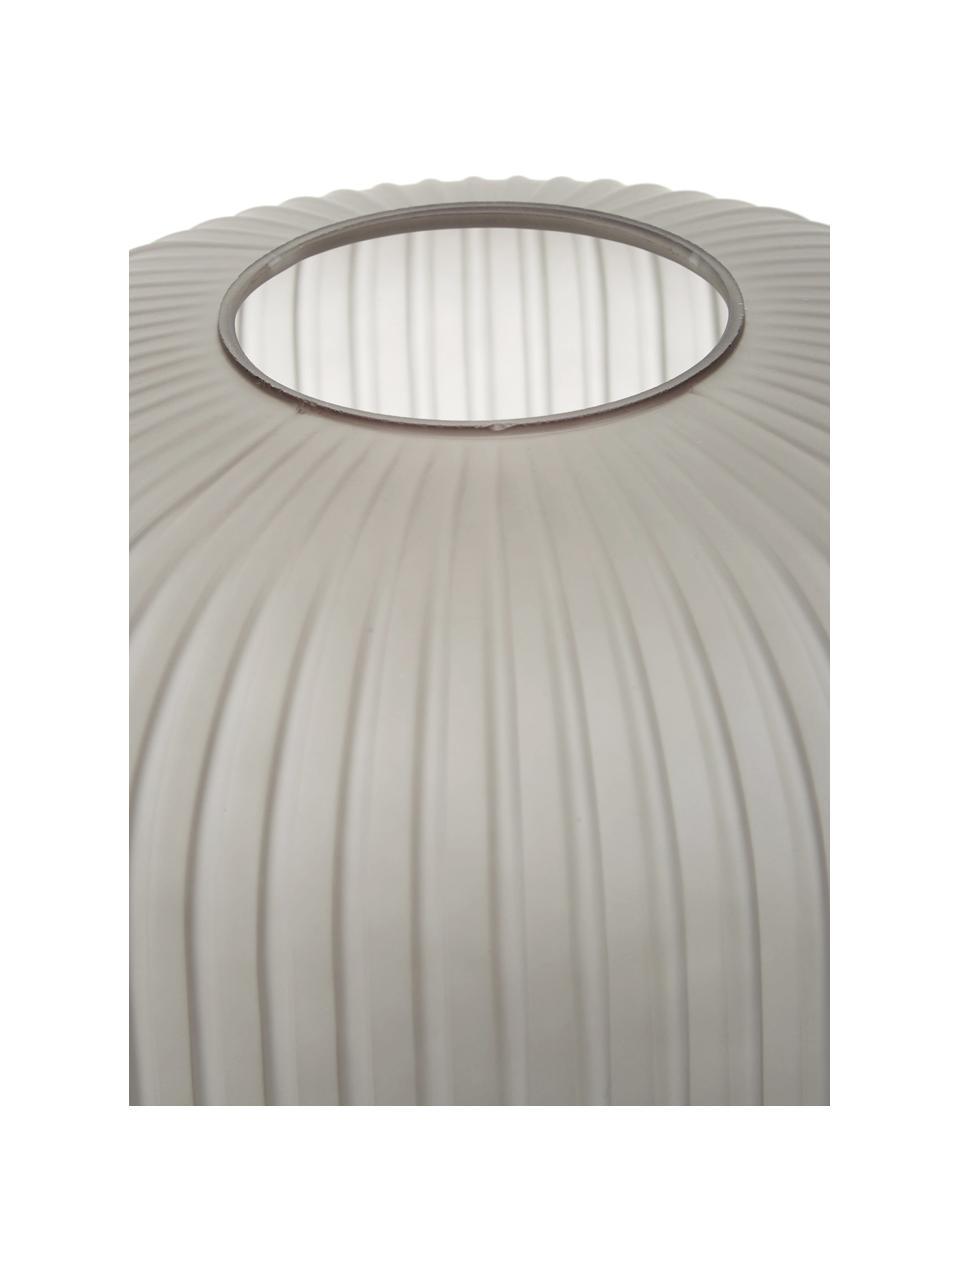 Große Tischlampe Sober mit Glasschirm, Lampenschirm: Glas, Lampenfuß: Metall, gebürstet, Grau, Messingfarben, Ø 25 x H 50 cm